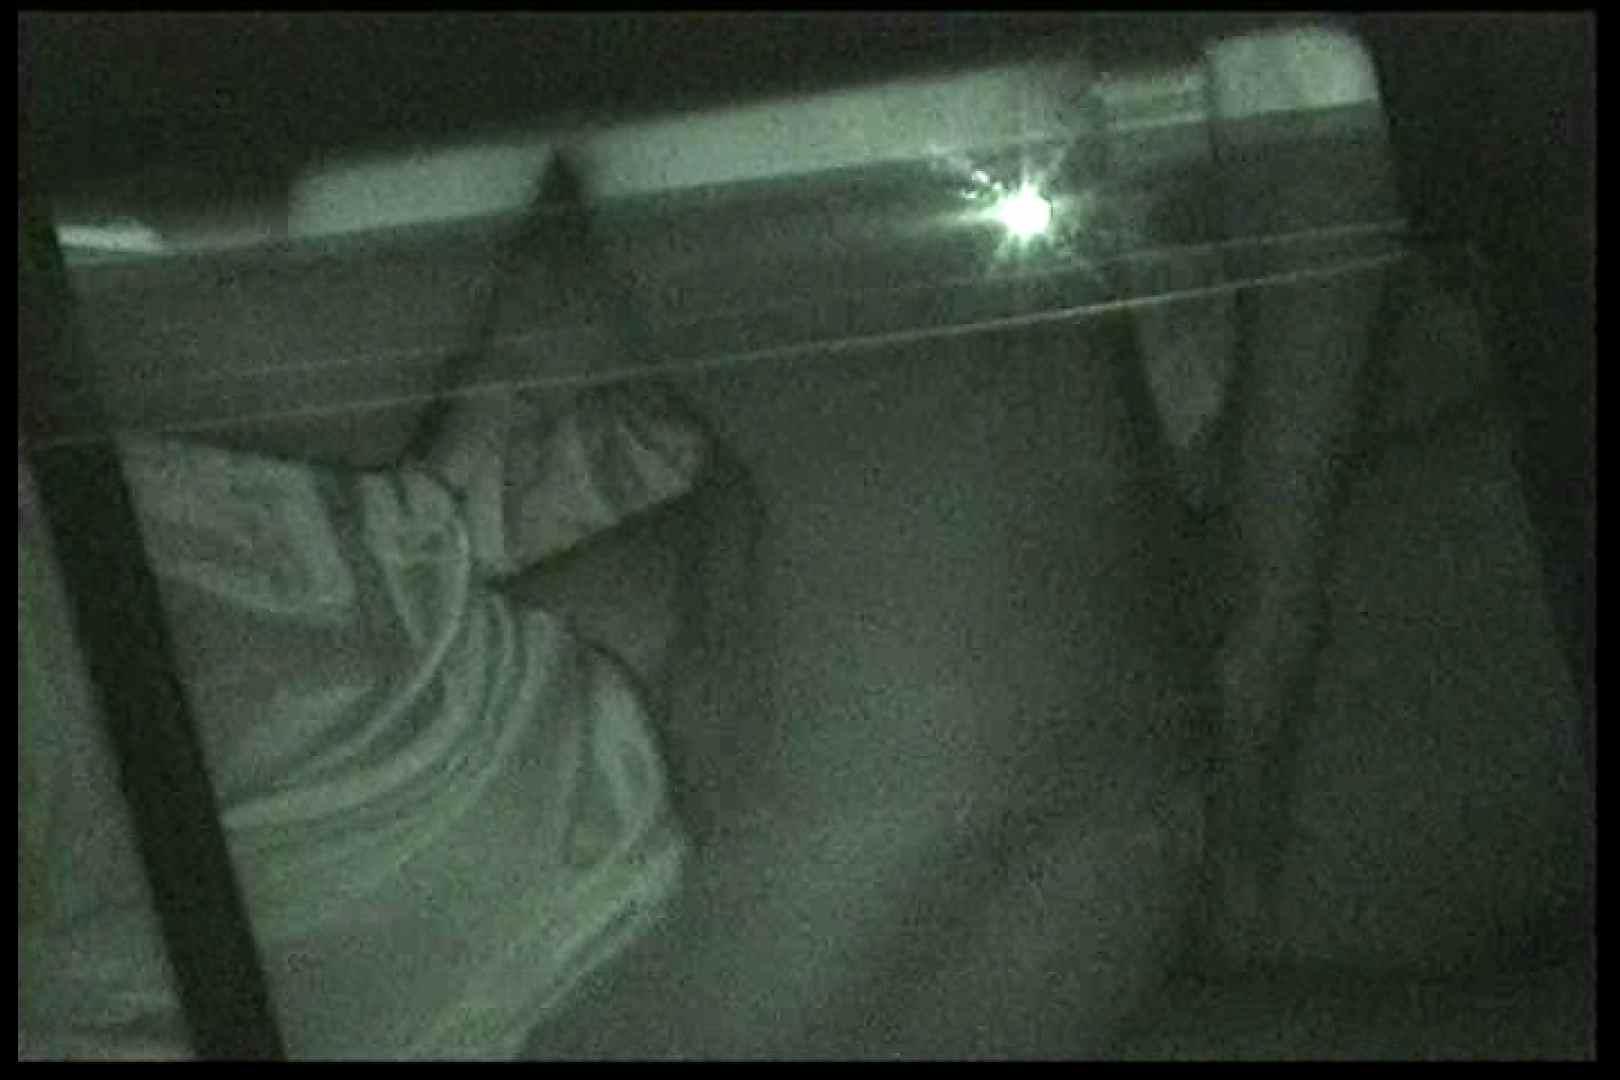 車の中はラブホテル 無修正版  Vol.13 ラブホテル おまんこ無修正動画無料 64画像 20